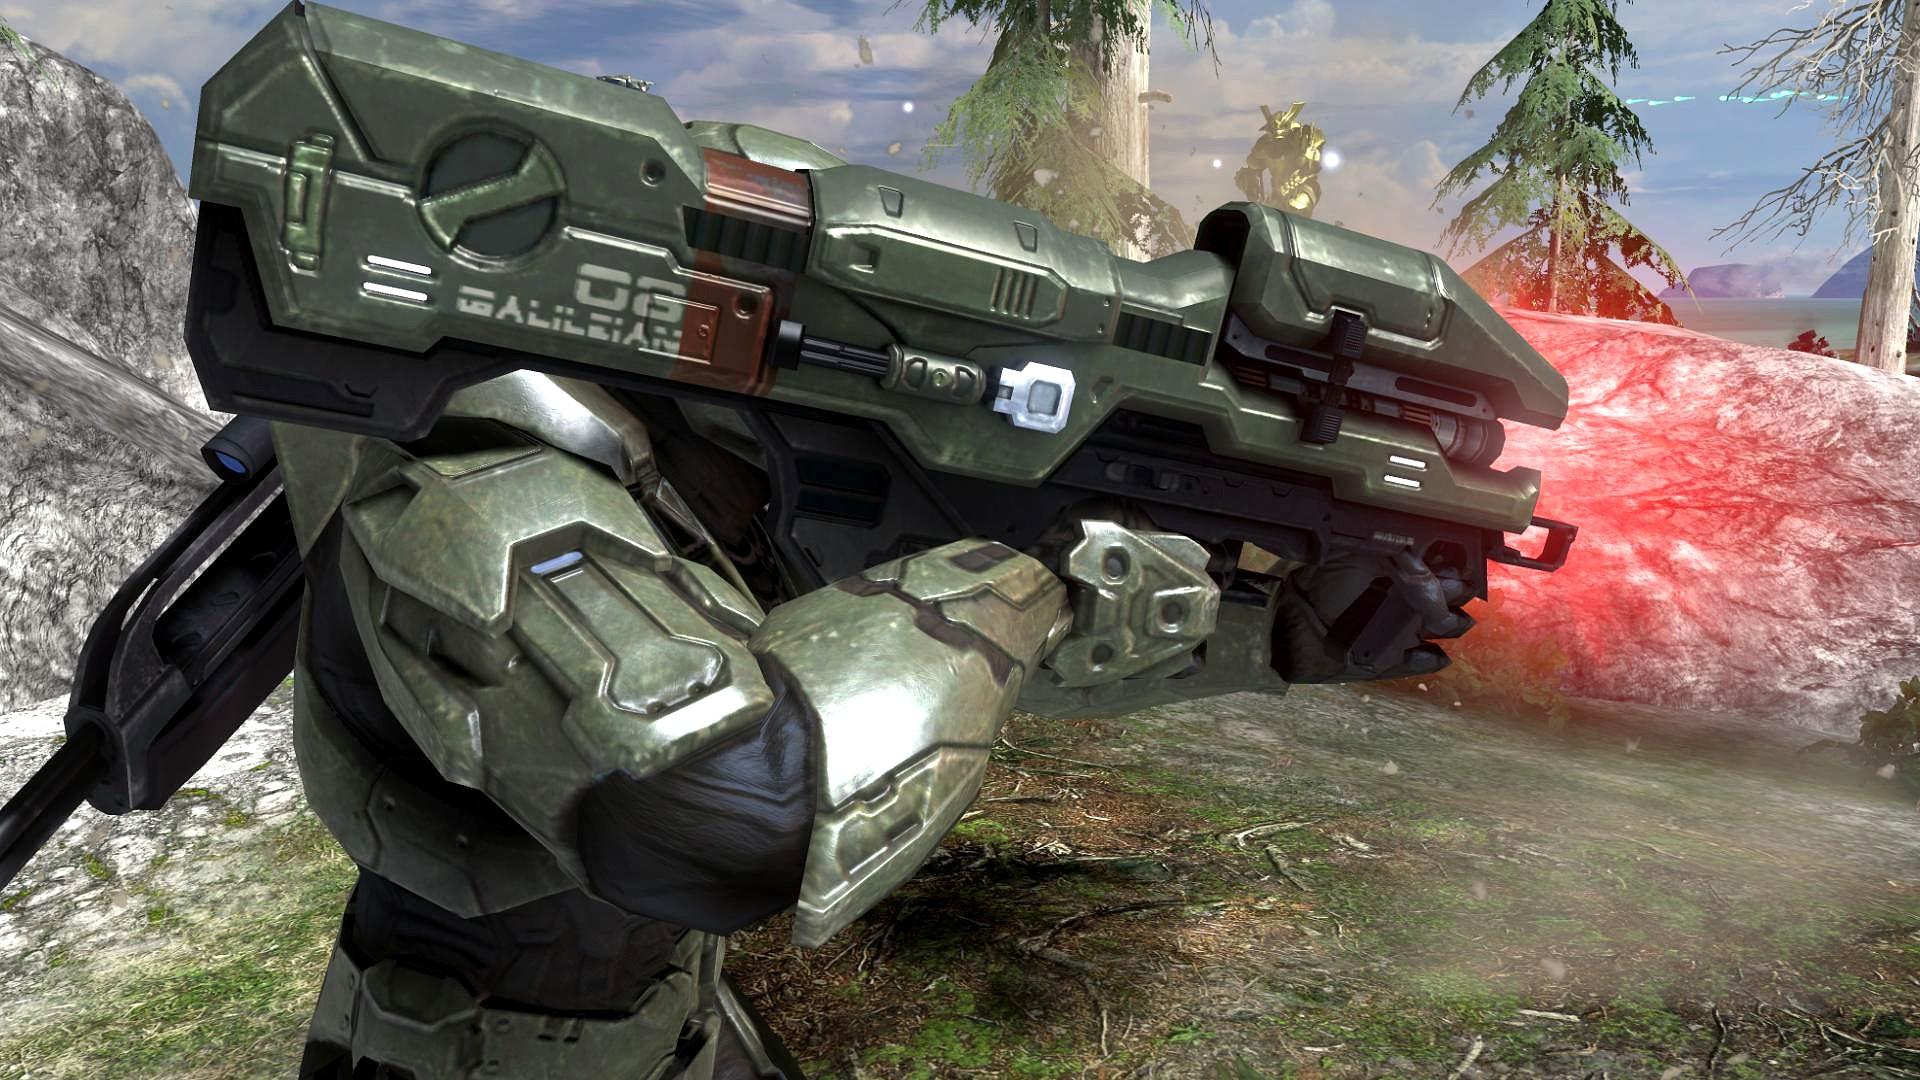 1522688033 b1de27d539 o Halo 3: Big Guns